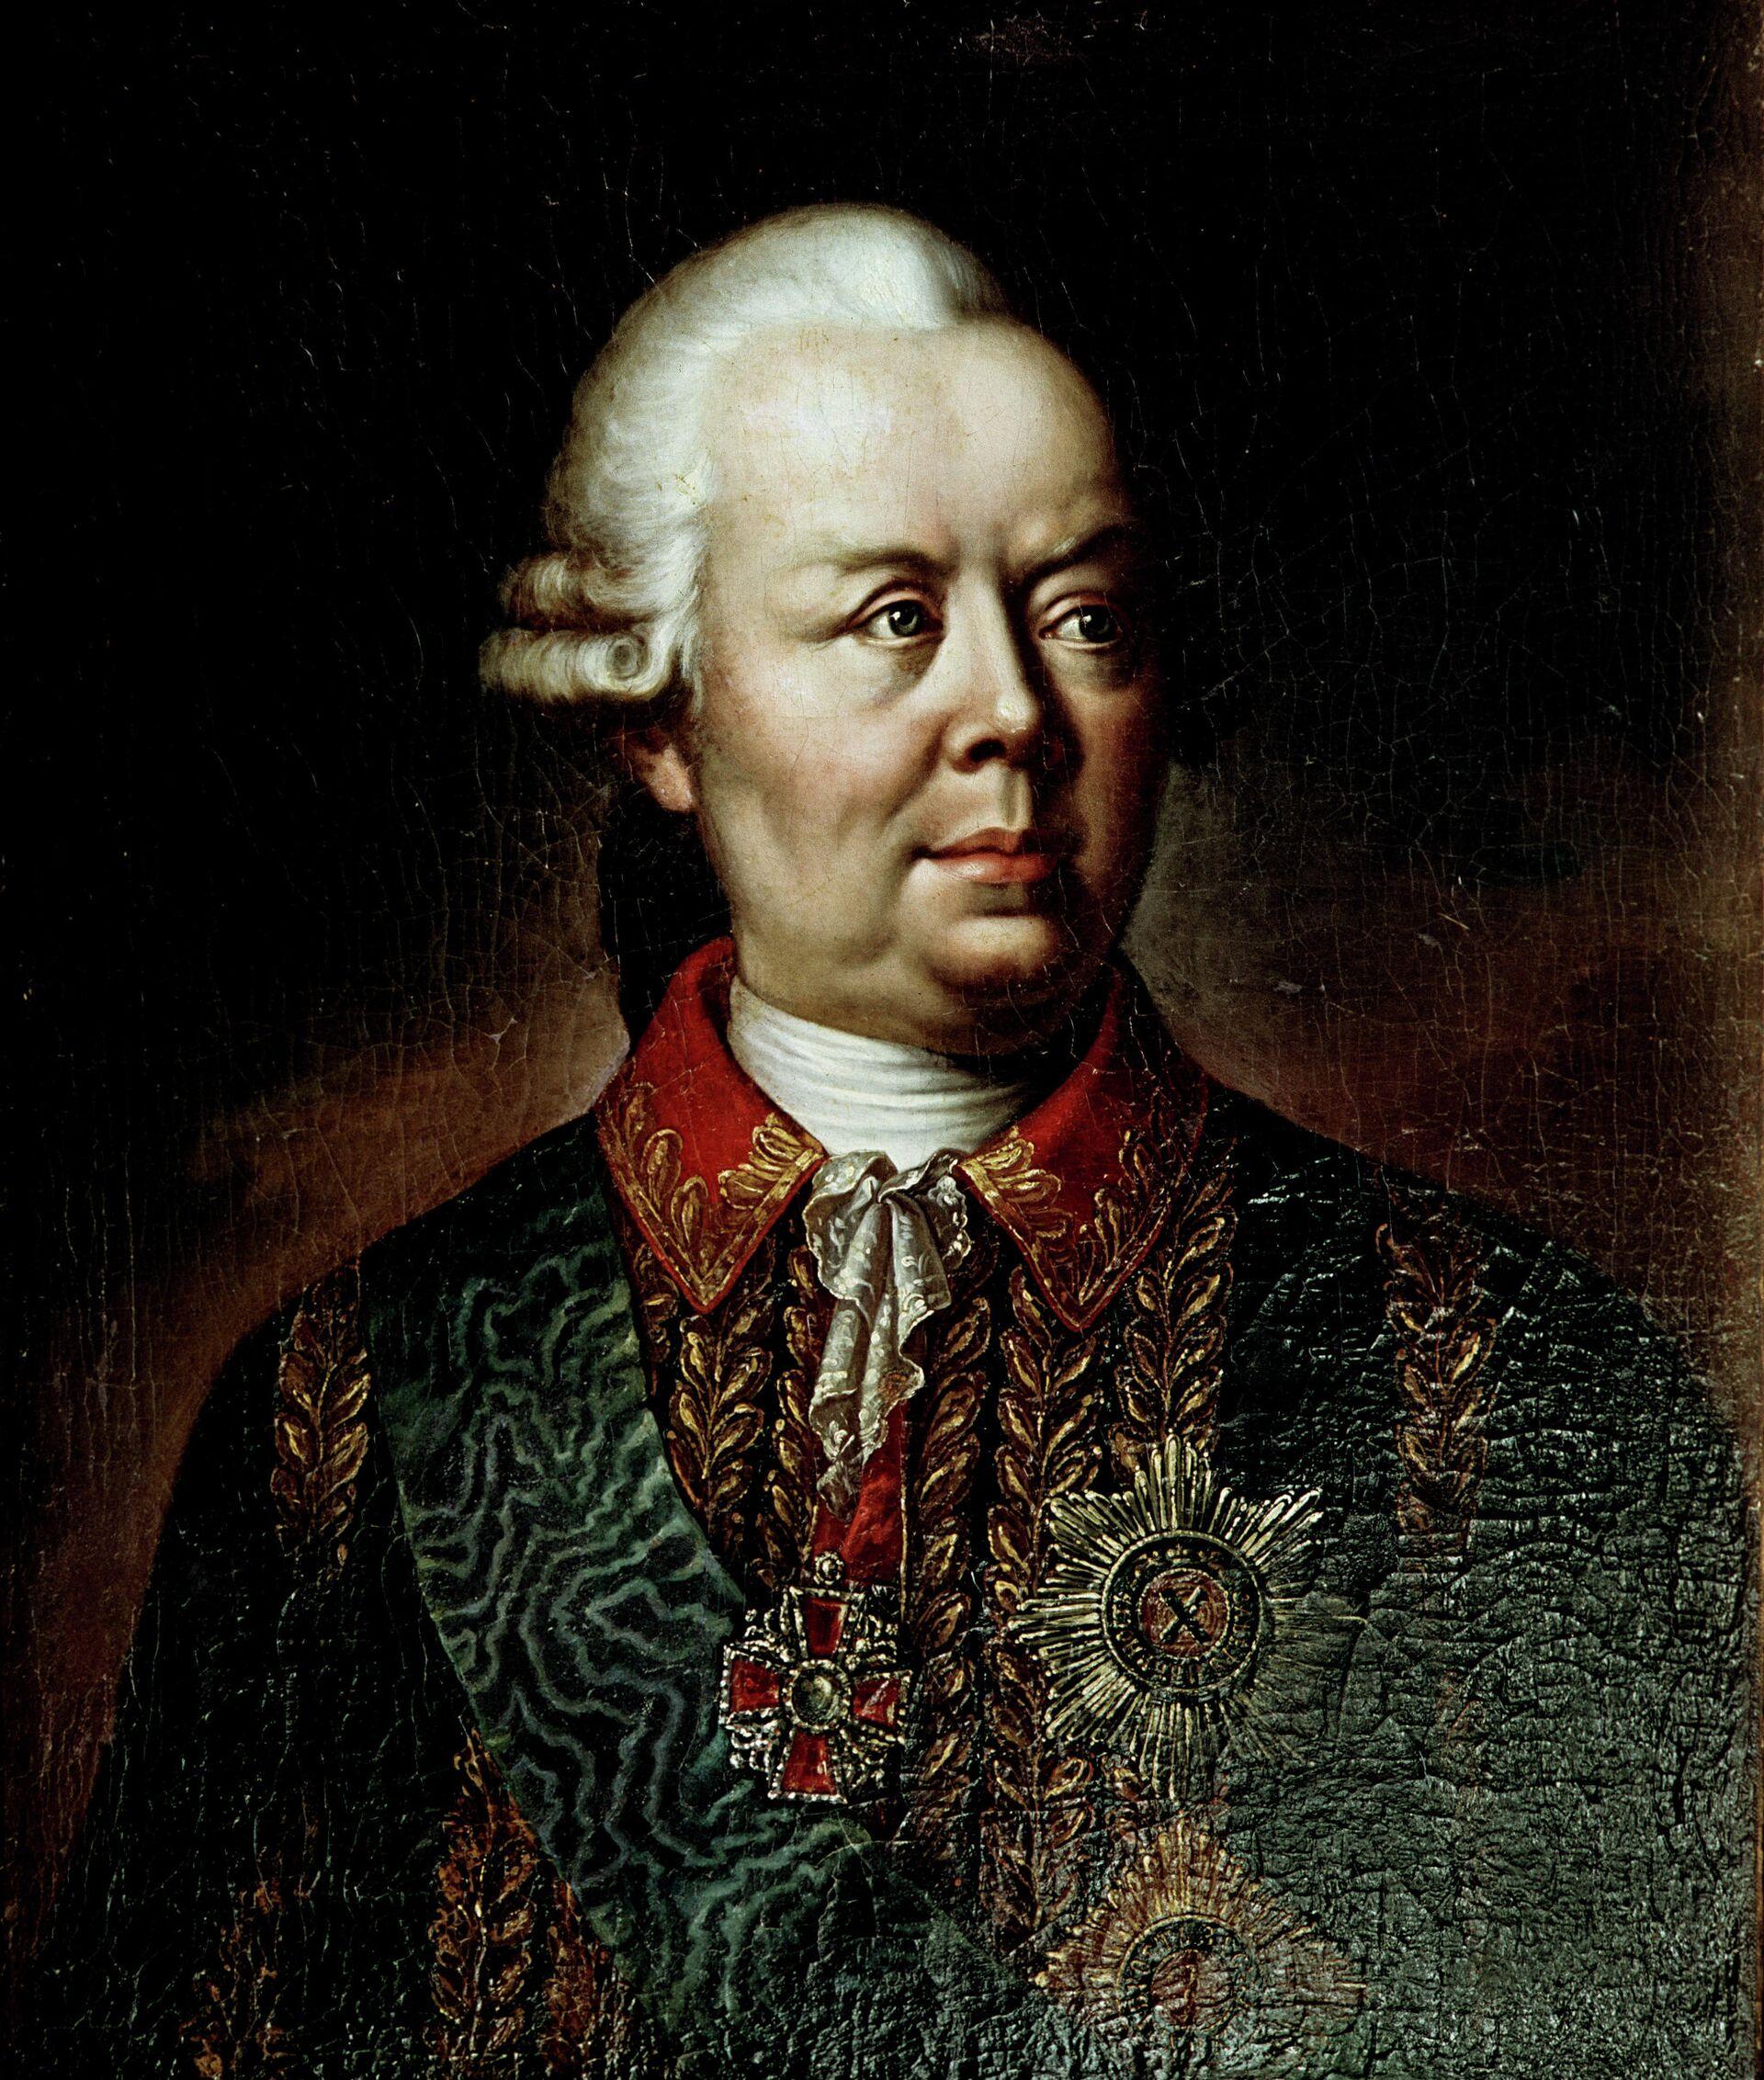 Граф П.А. Румянцев-Задунайский (1725-1796), генерал-фельдмаршал, государственный деятель - РИА Новости, 1920, 01.08.2021